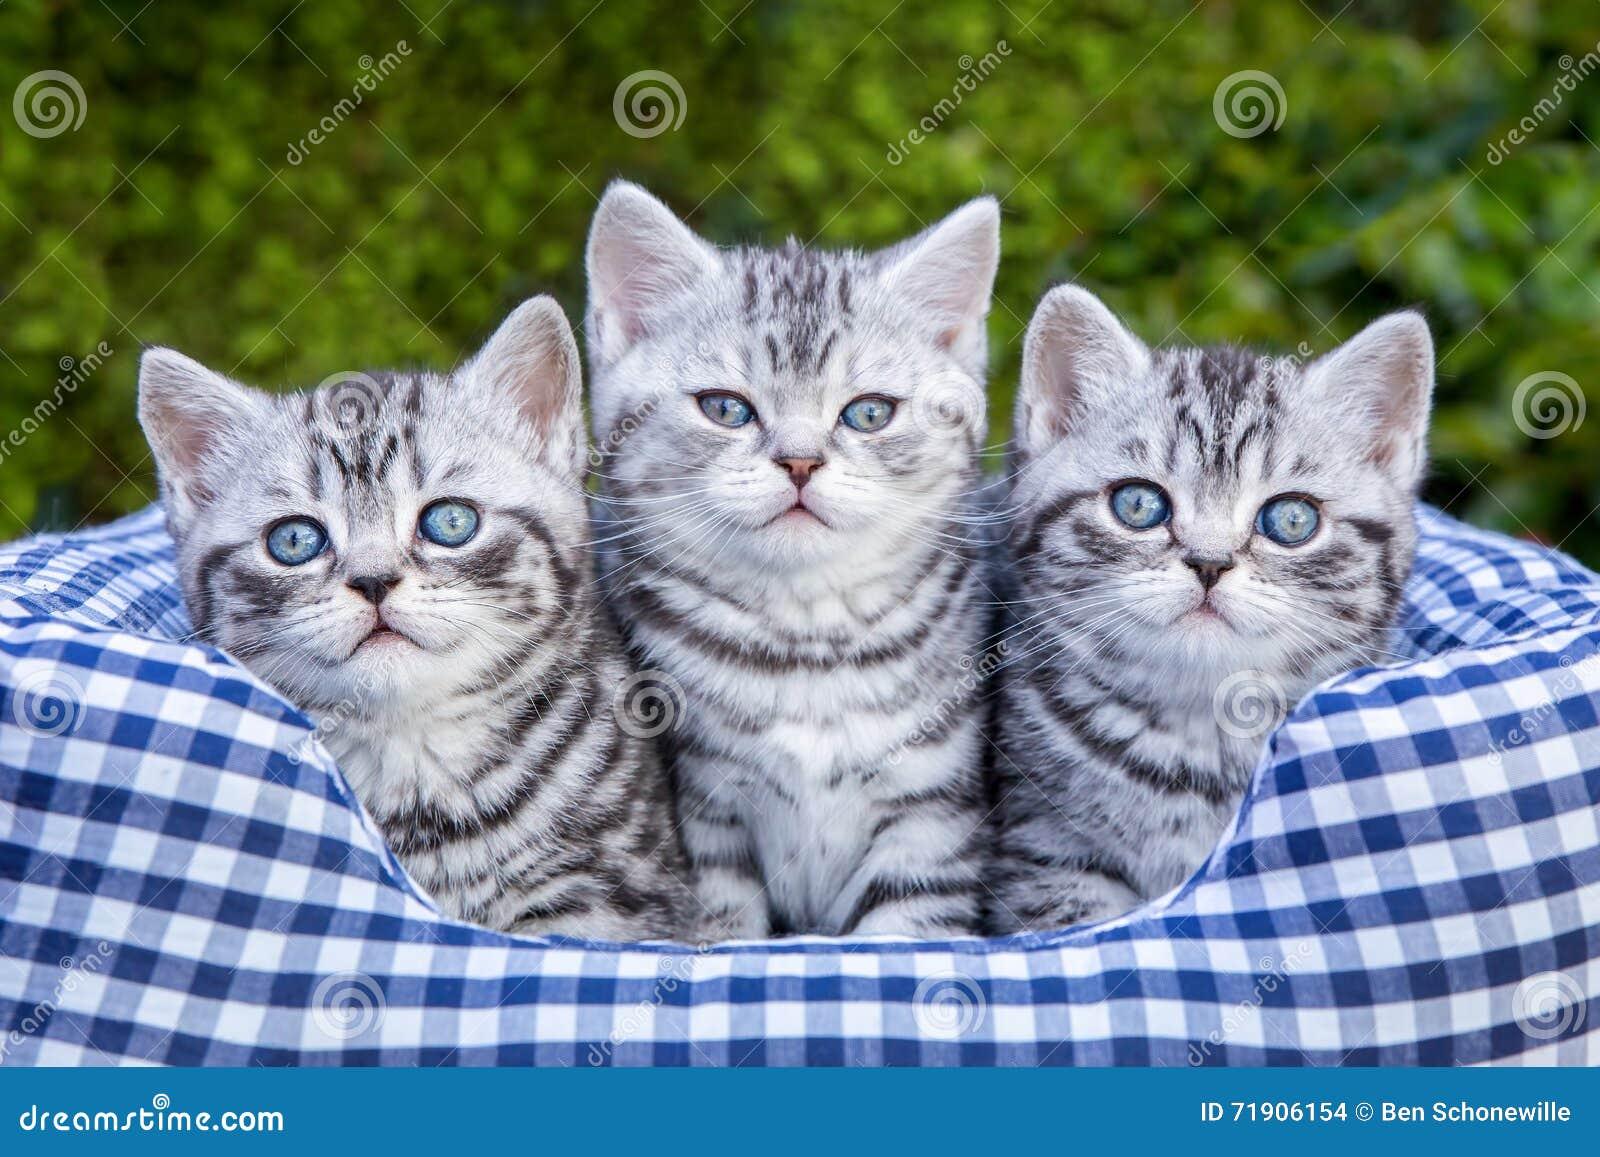 drei junge silberne katzen der getigerten katze im. Black Bedroom Furniture Sets. Home Design Ideas